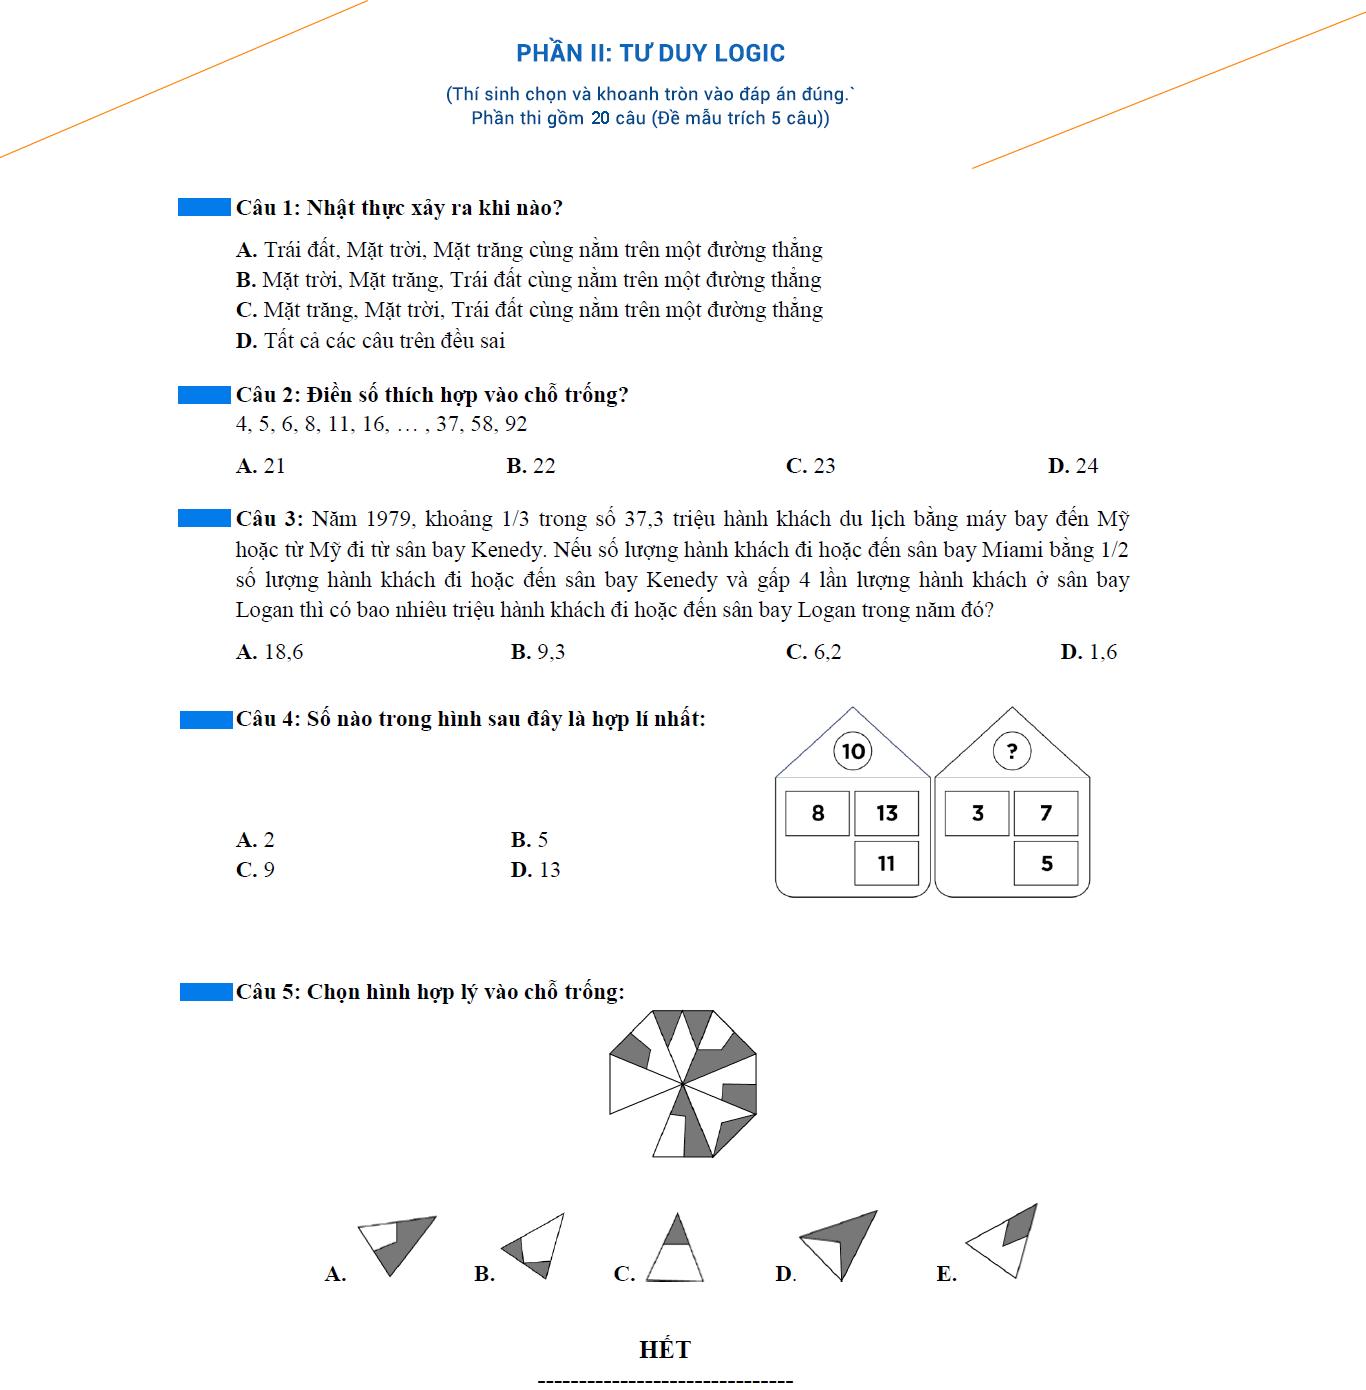 Đề thi mẫu phần riêng logic